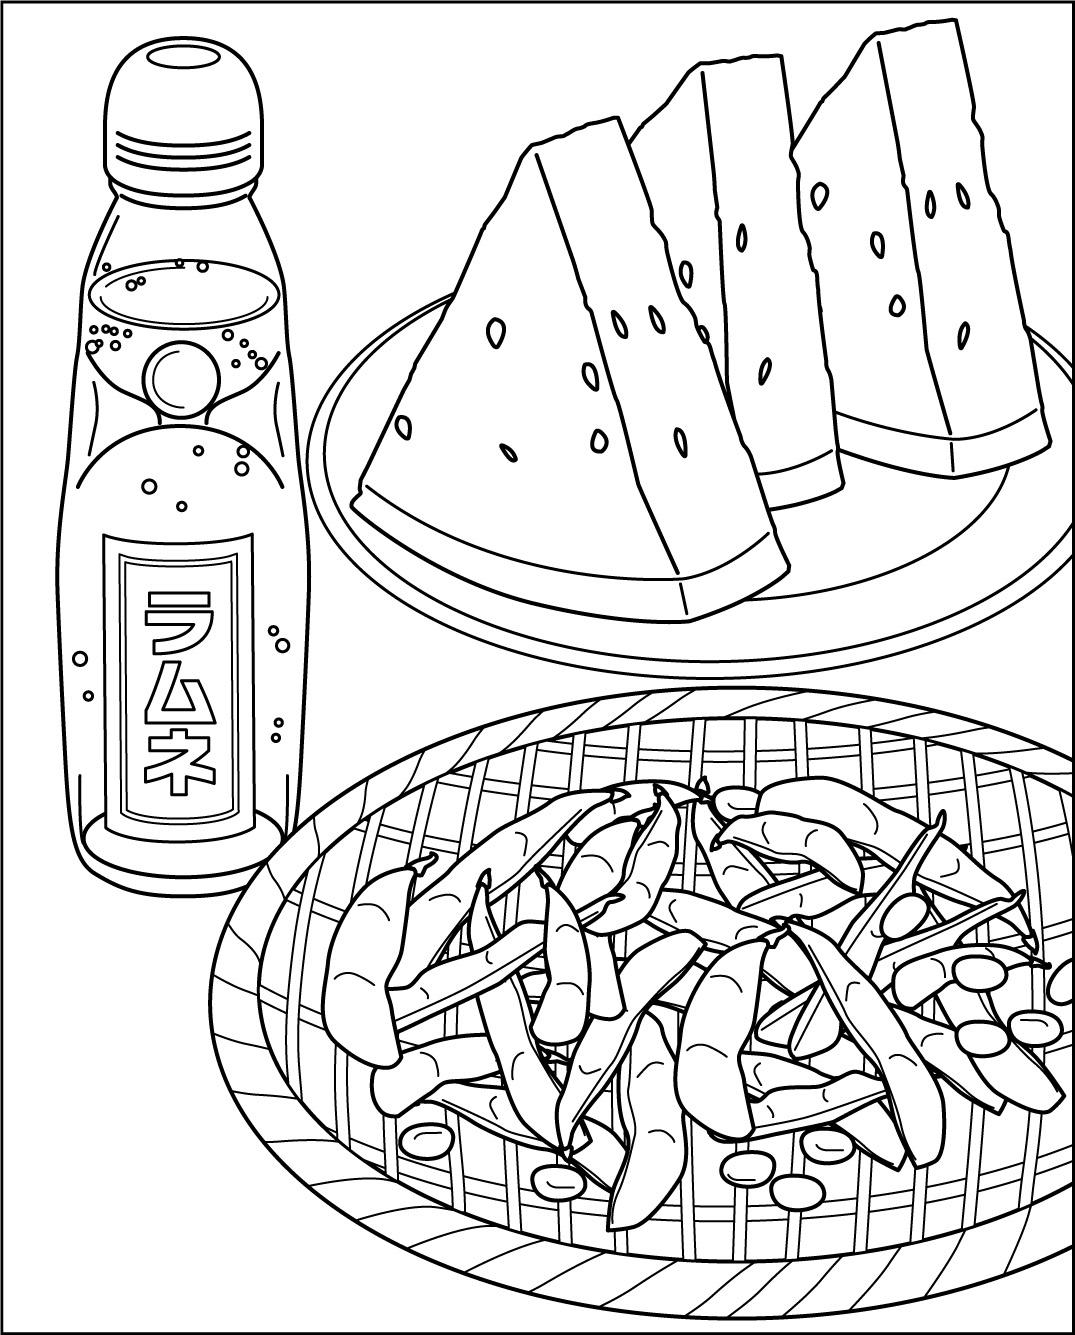 ラムネとスイカと枝豆